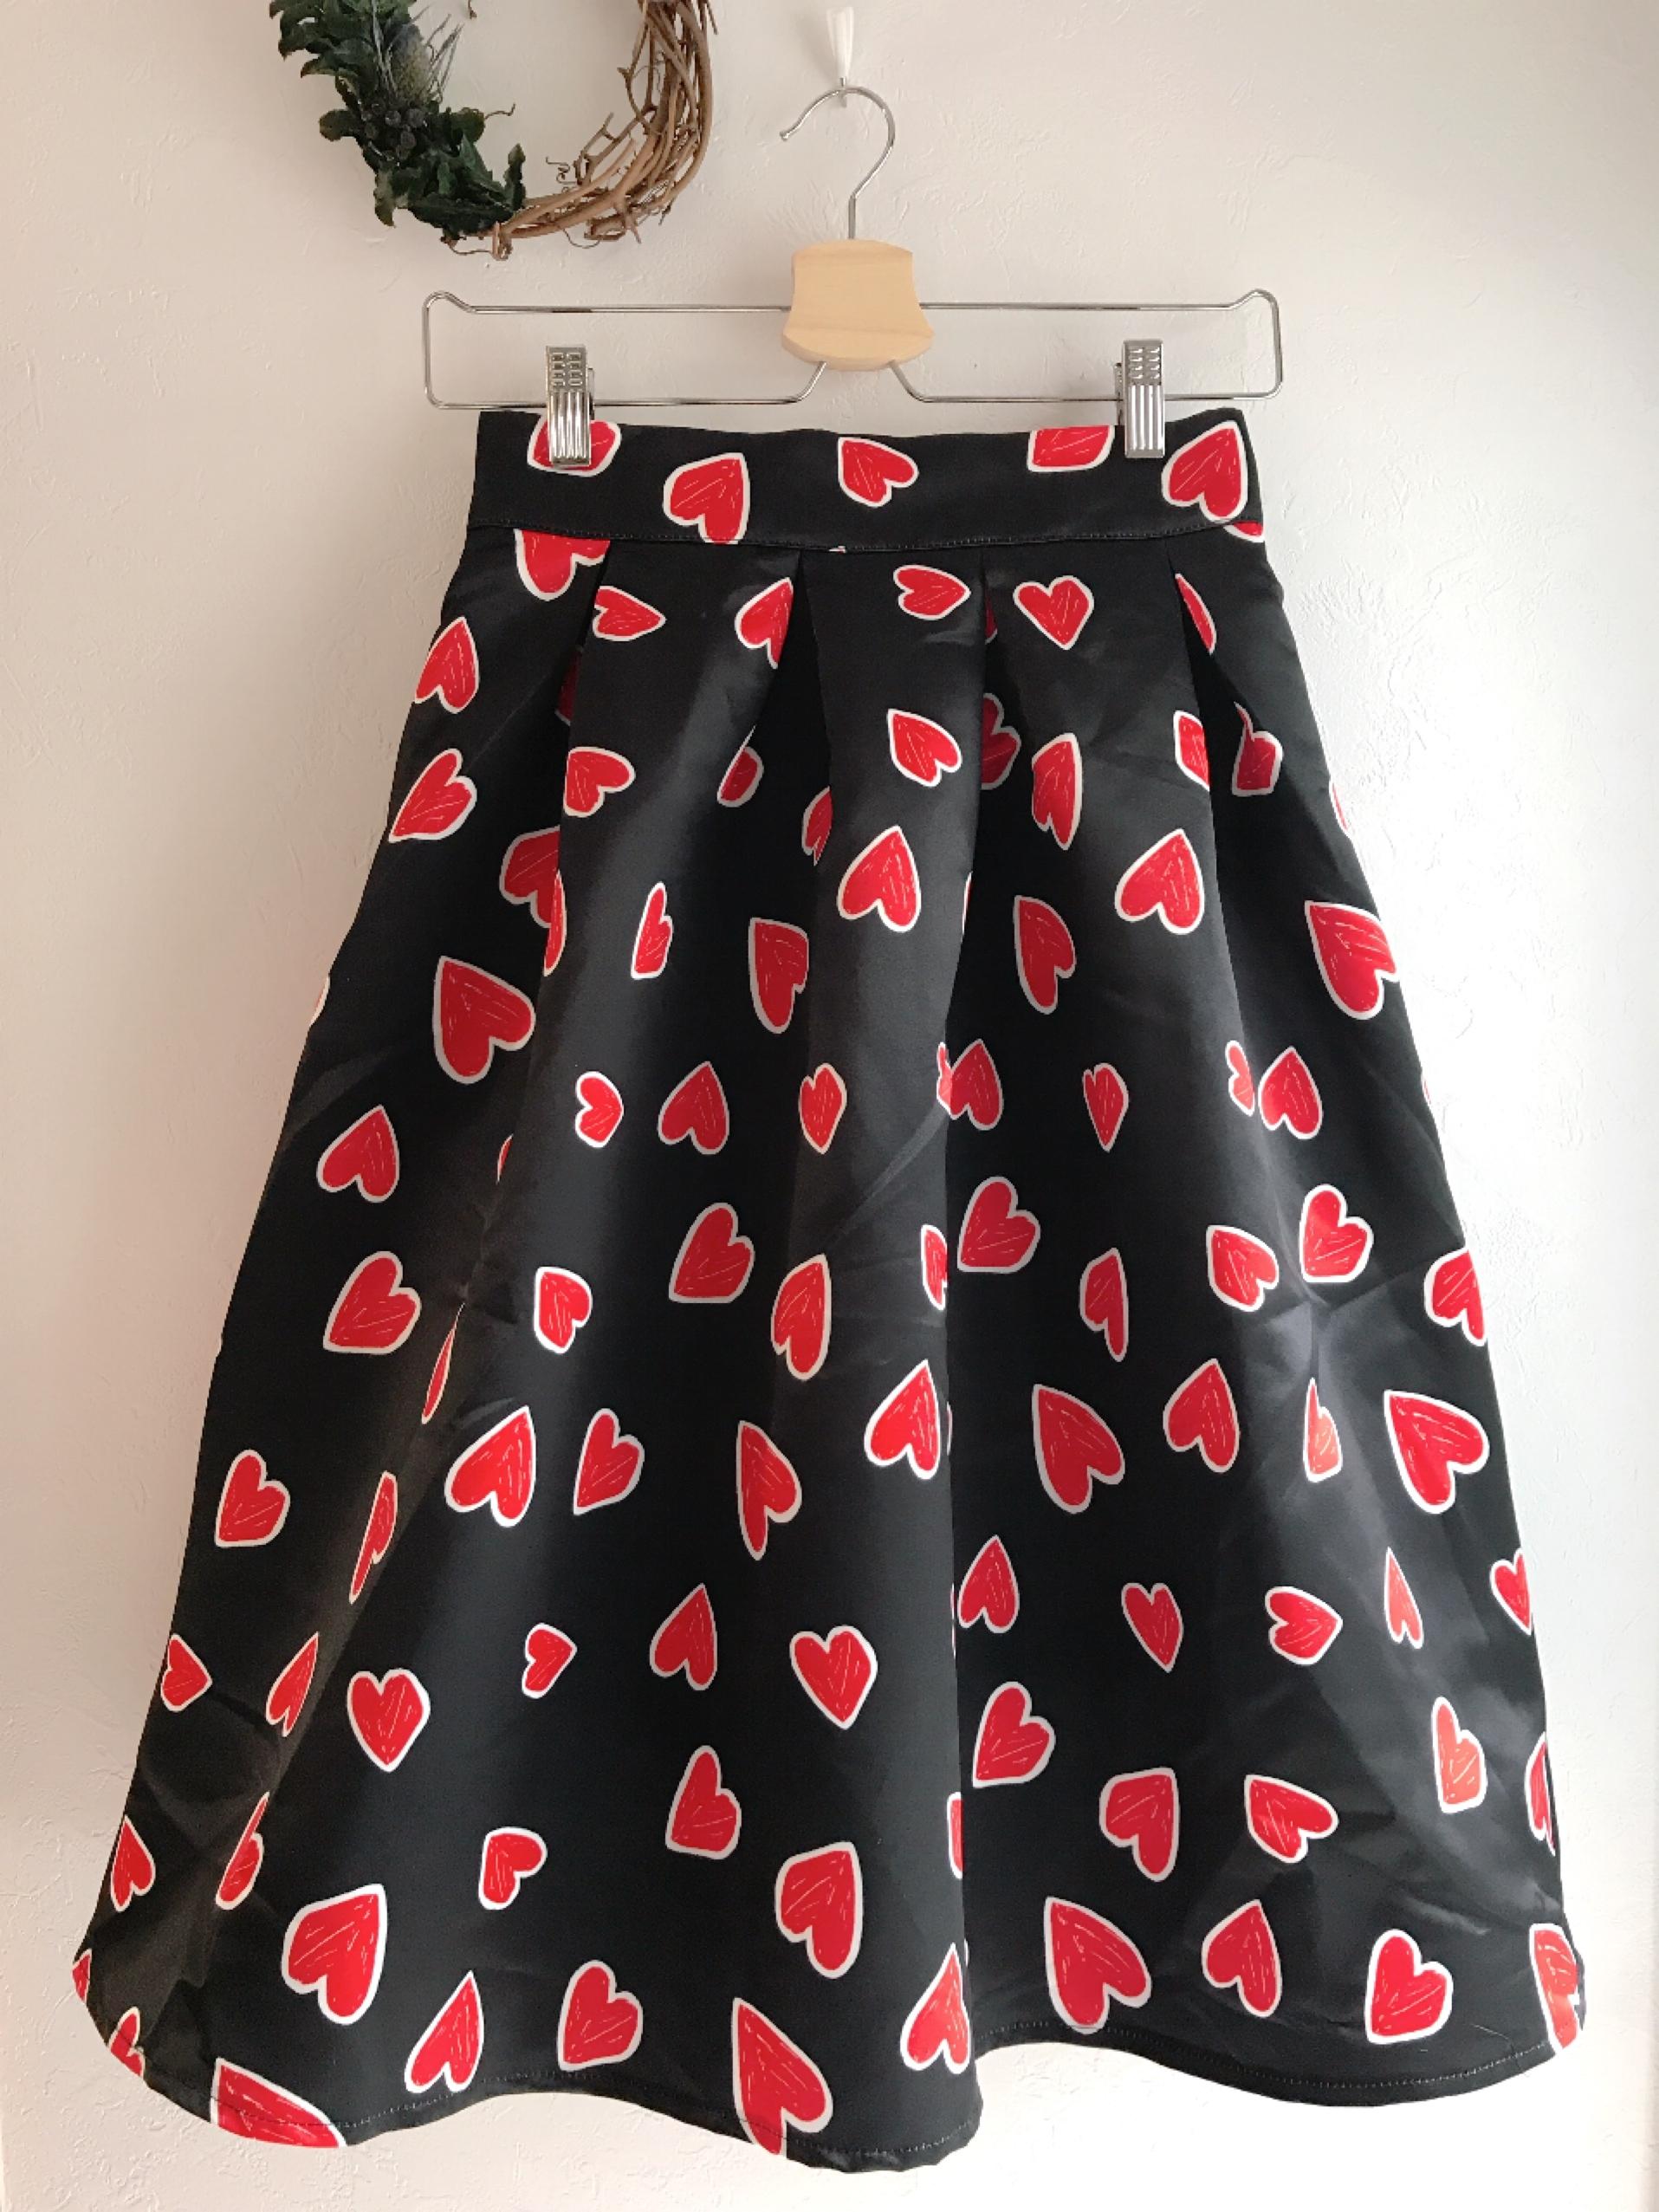 2レングス♡ラブリーハートのスカート